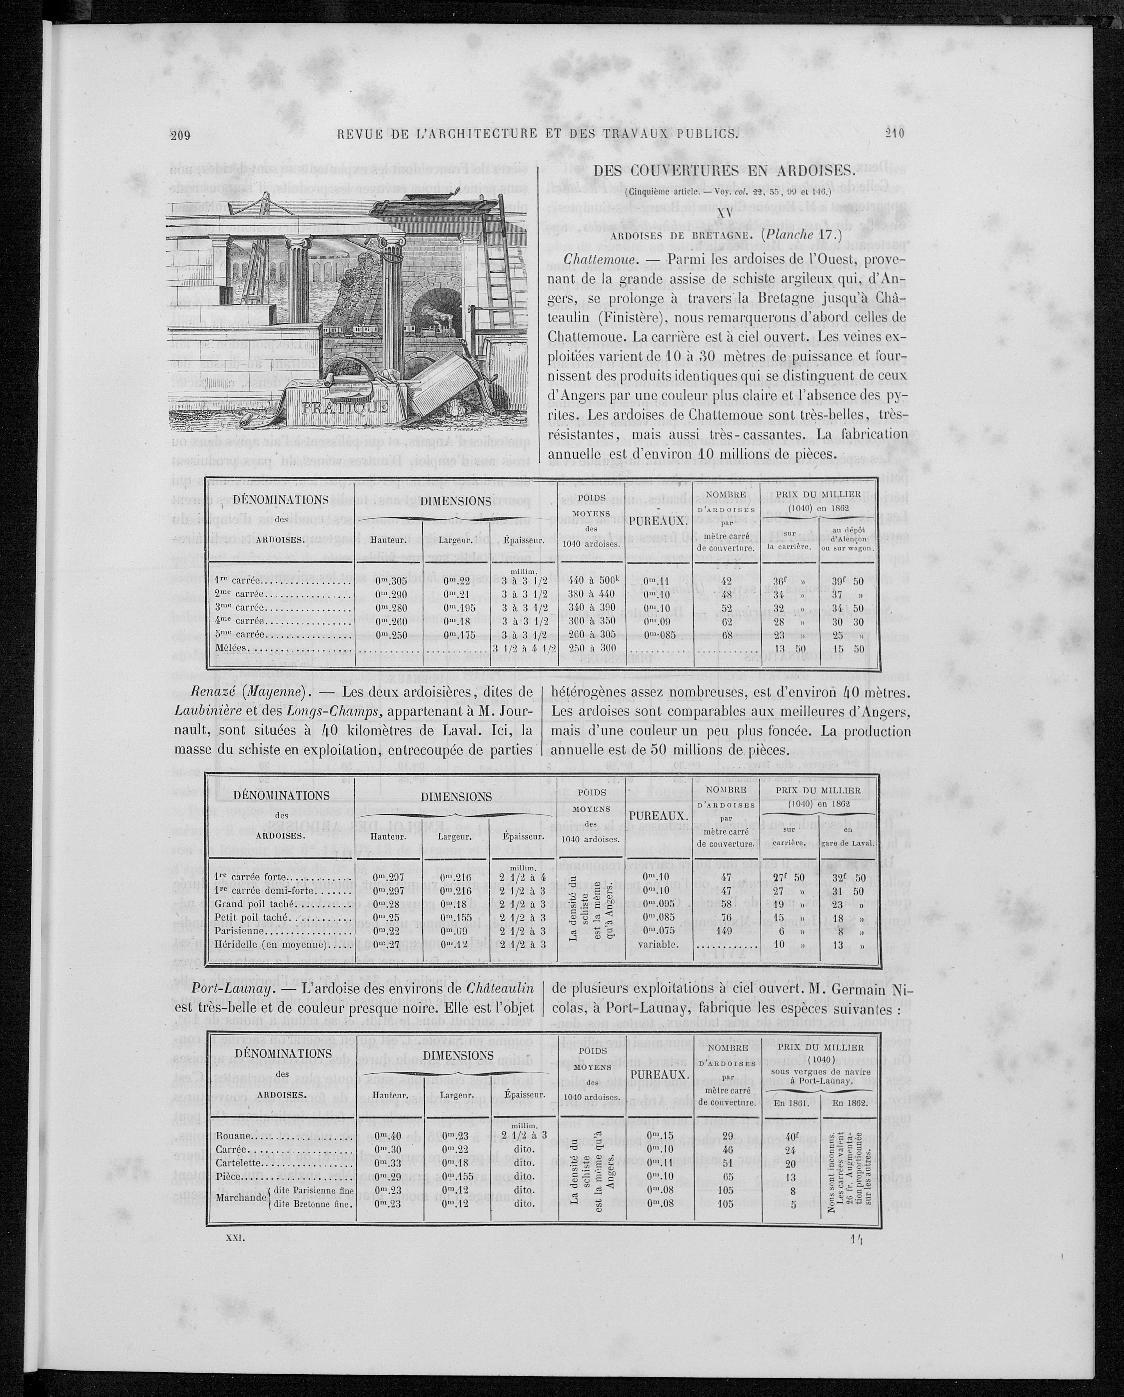 La revue générale de l'architecture, no. 5, 1863 |